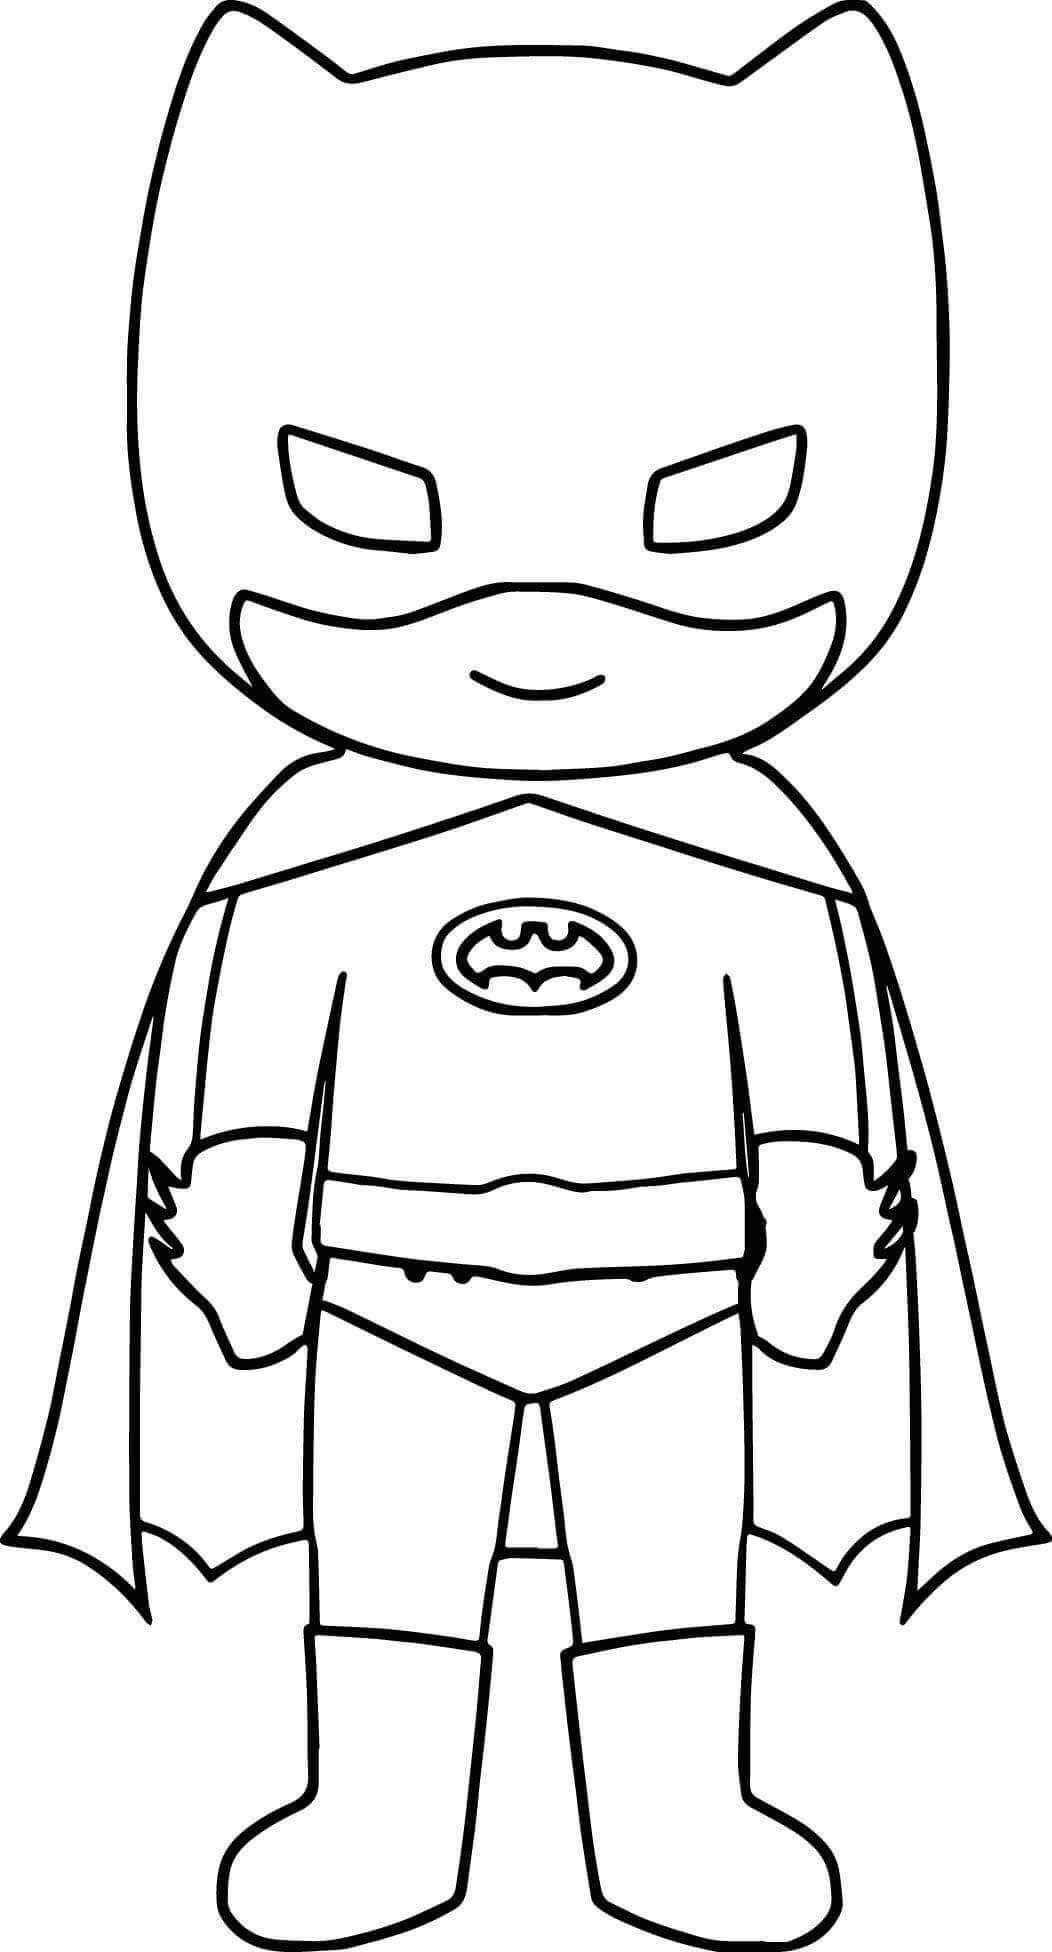 Superhero Batman Coloring page | Desenhos para colorir ...